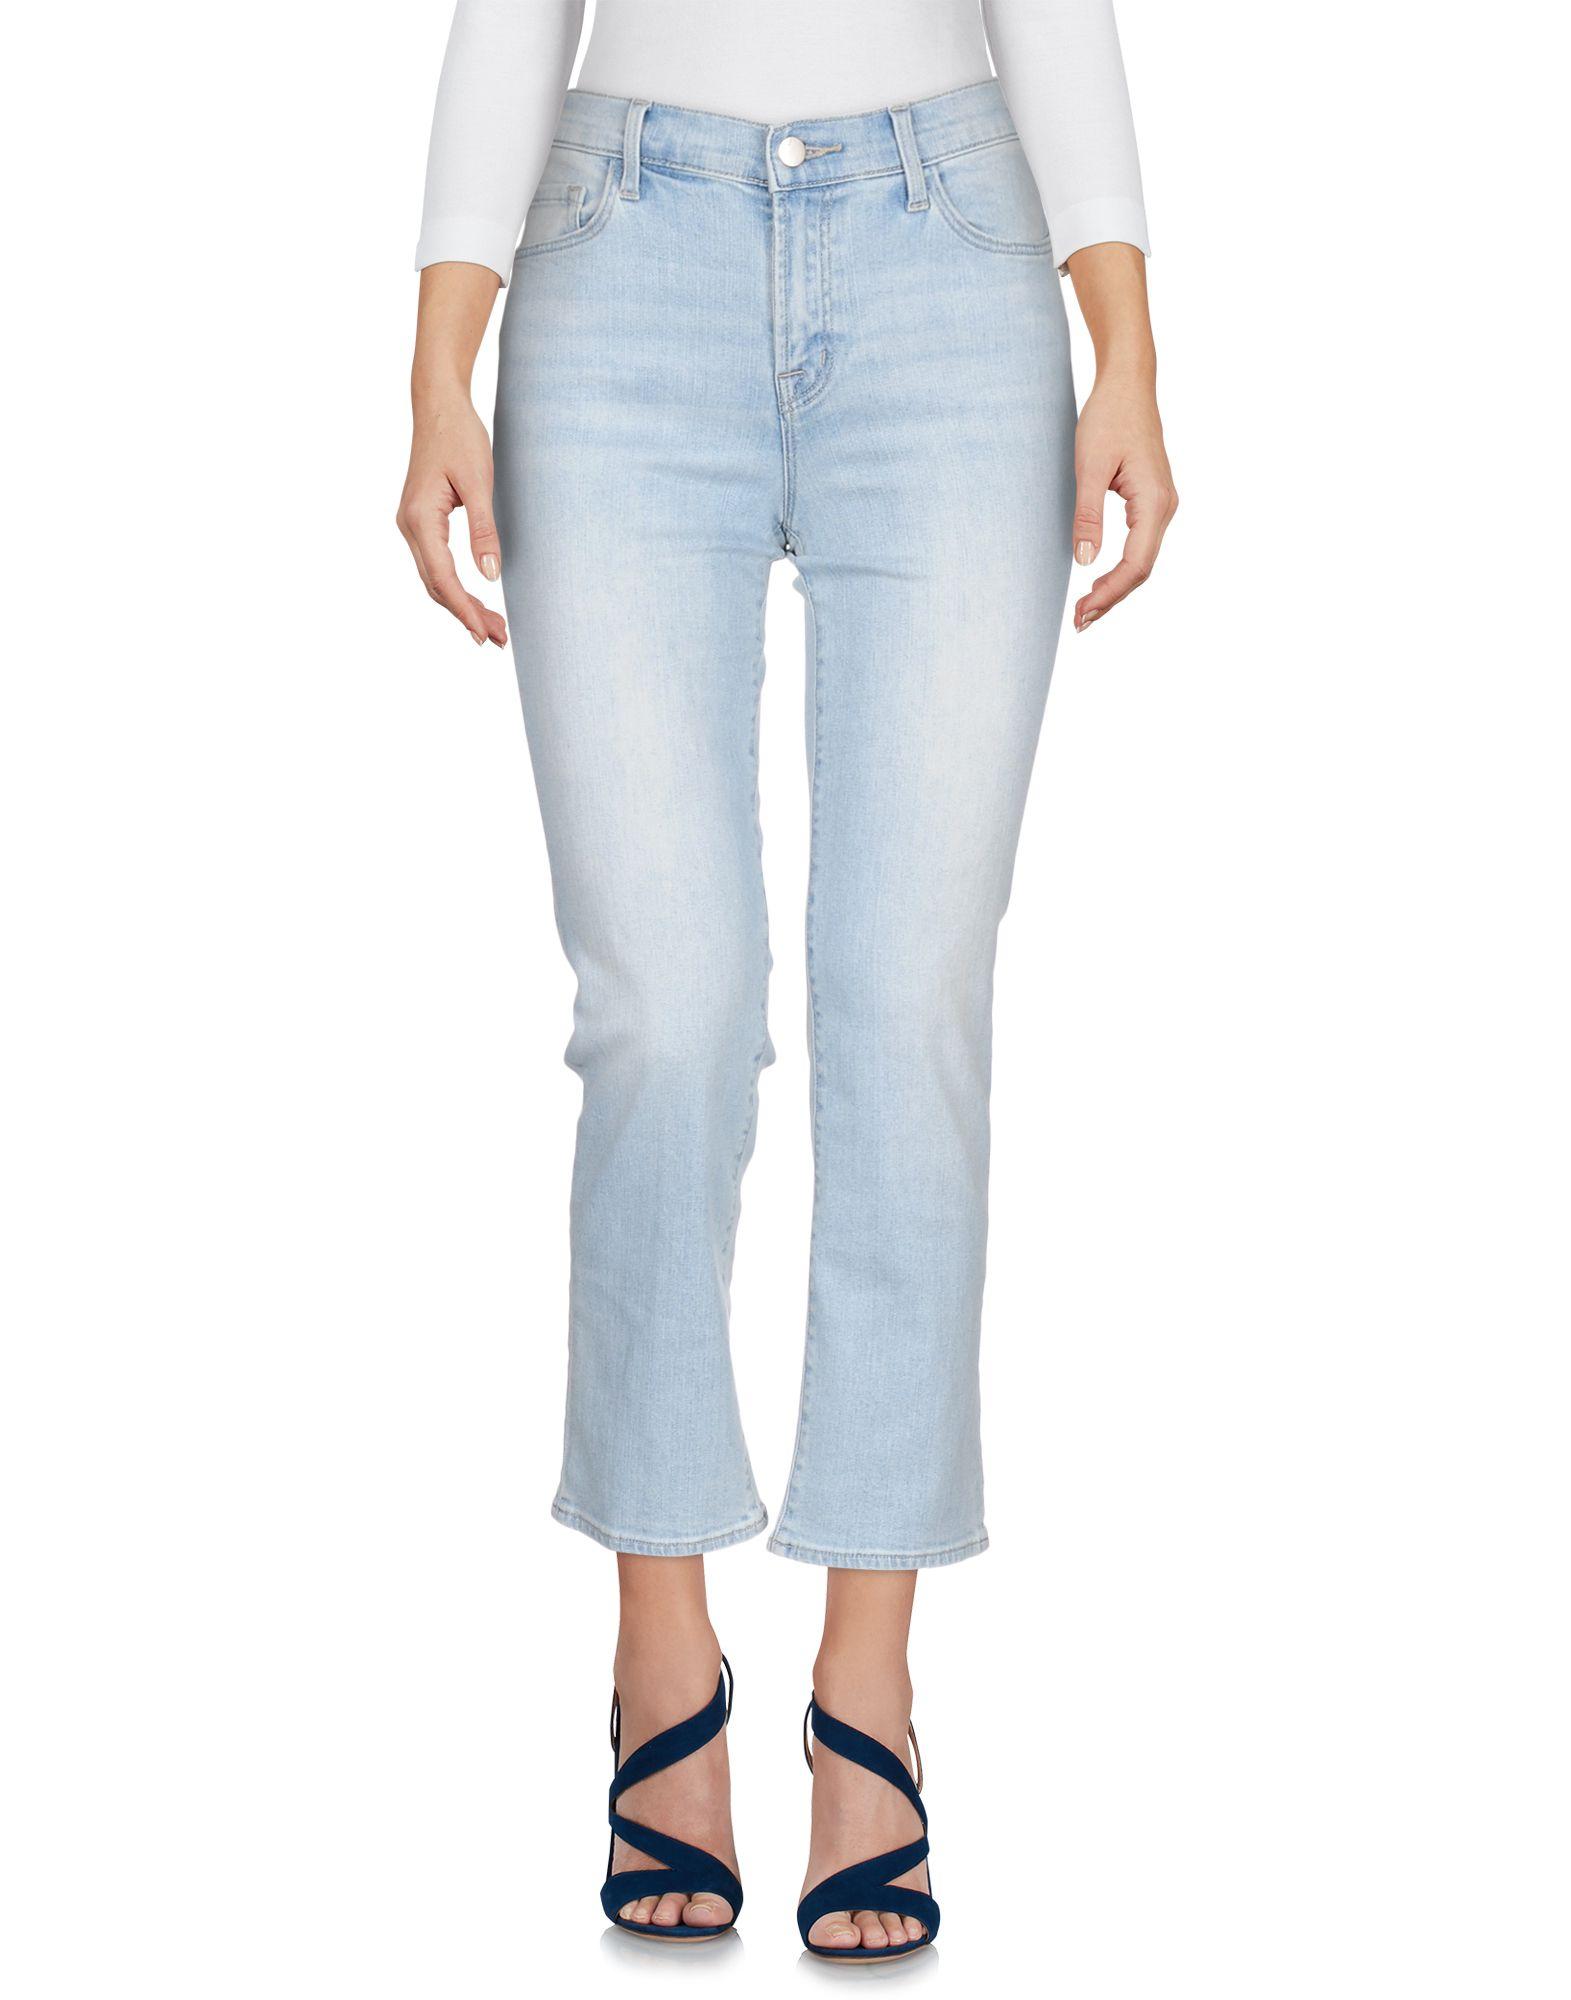 Marque En Jeans De Les FemmeAcheter Pantalons J Ligne À MzUVpS